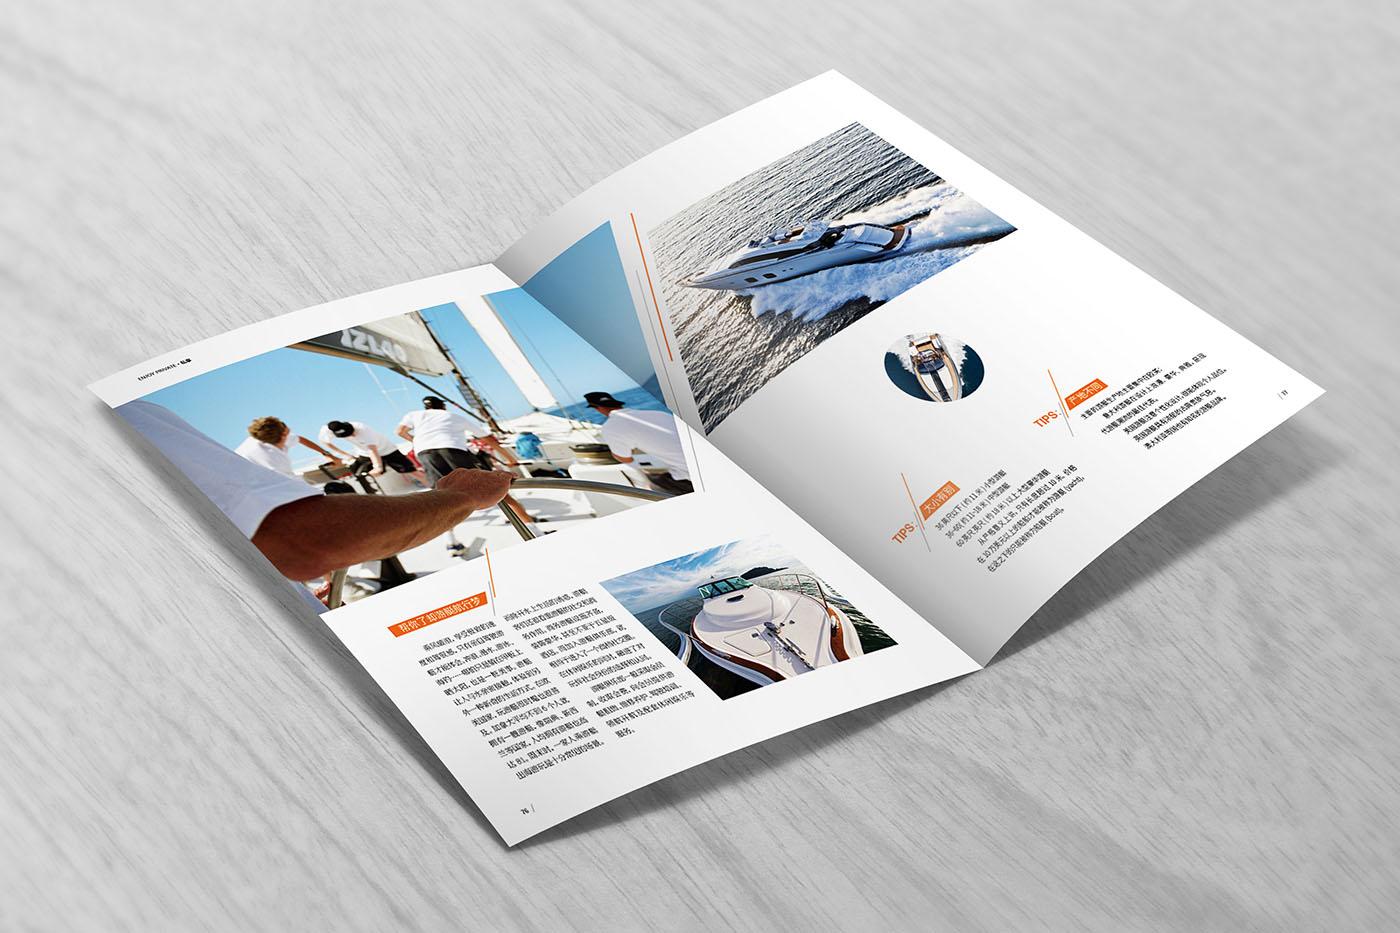 杂志期刊设计,杂志期刊设计公司